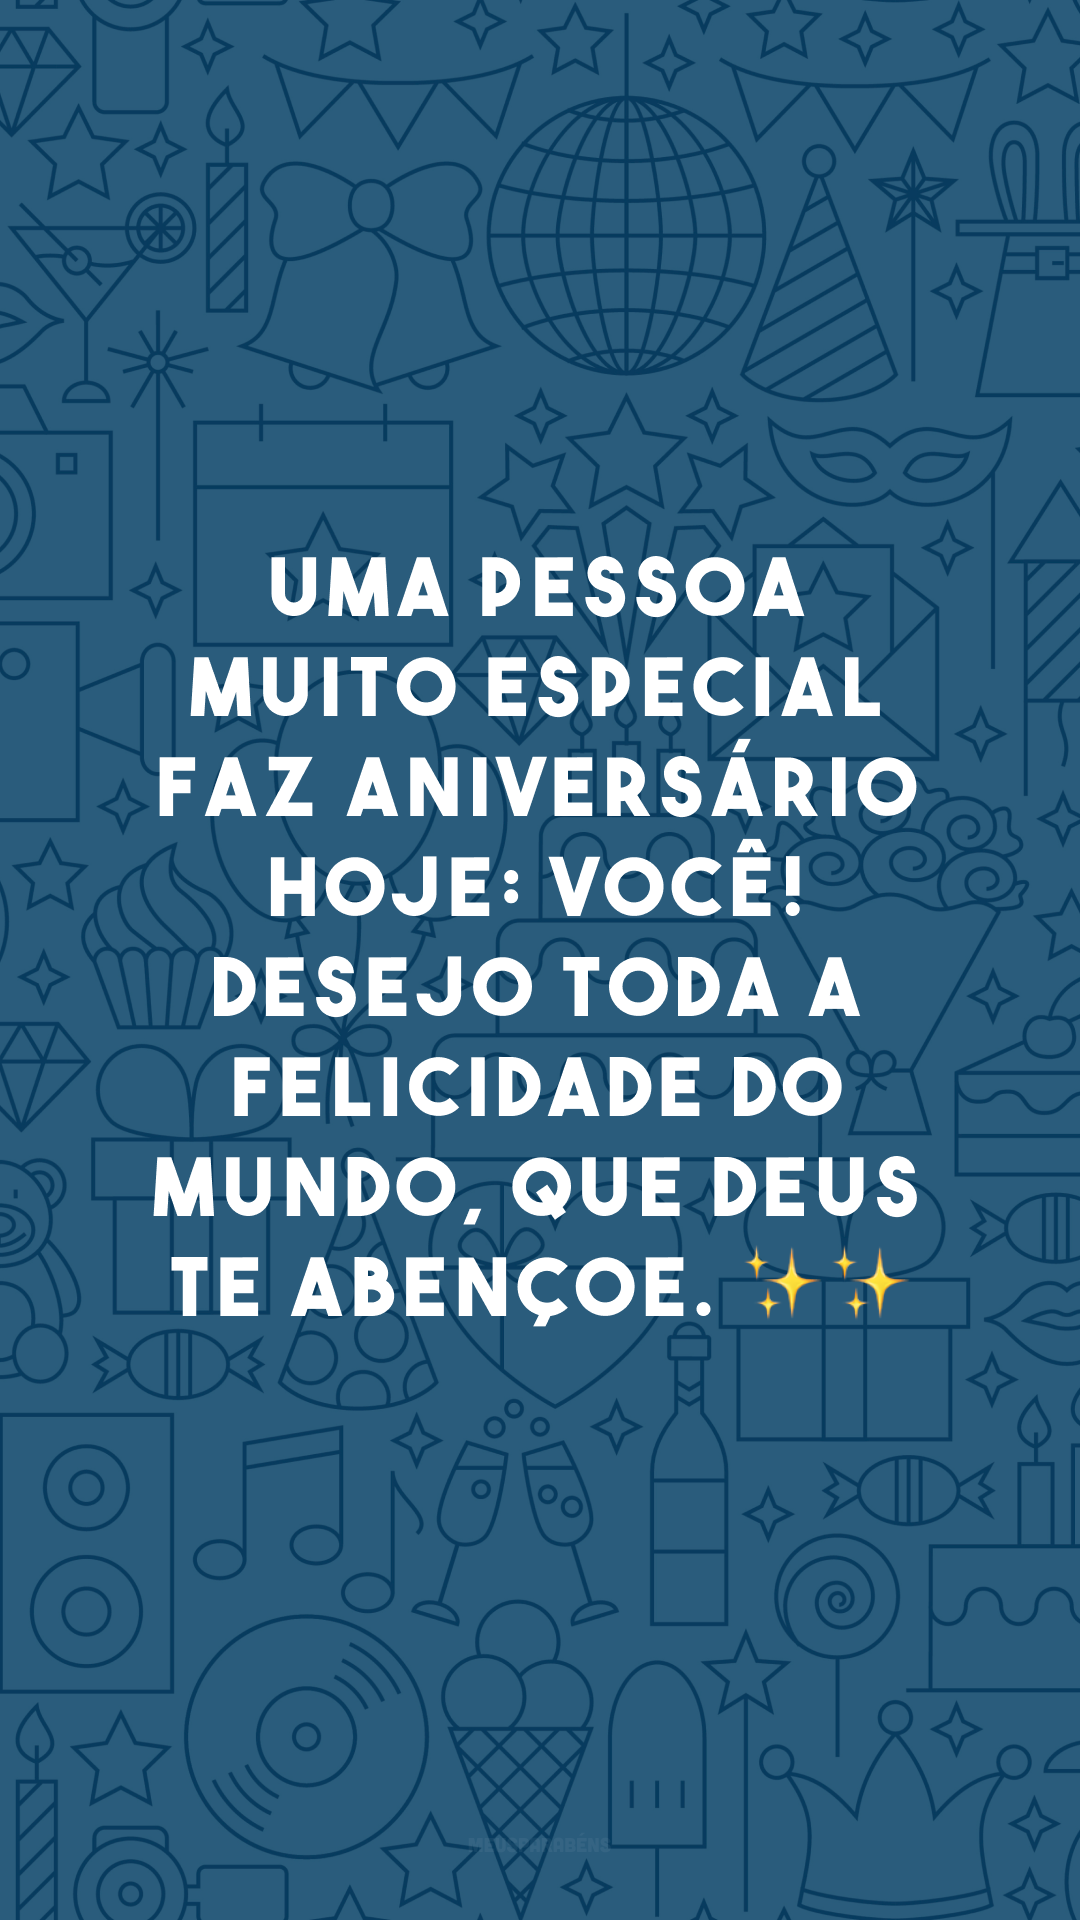 Uma pessoa muito especial faz aniversário hoje: você! Desejo toda a felicidade do mundo, que Deus te abençoe. ✨✨